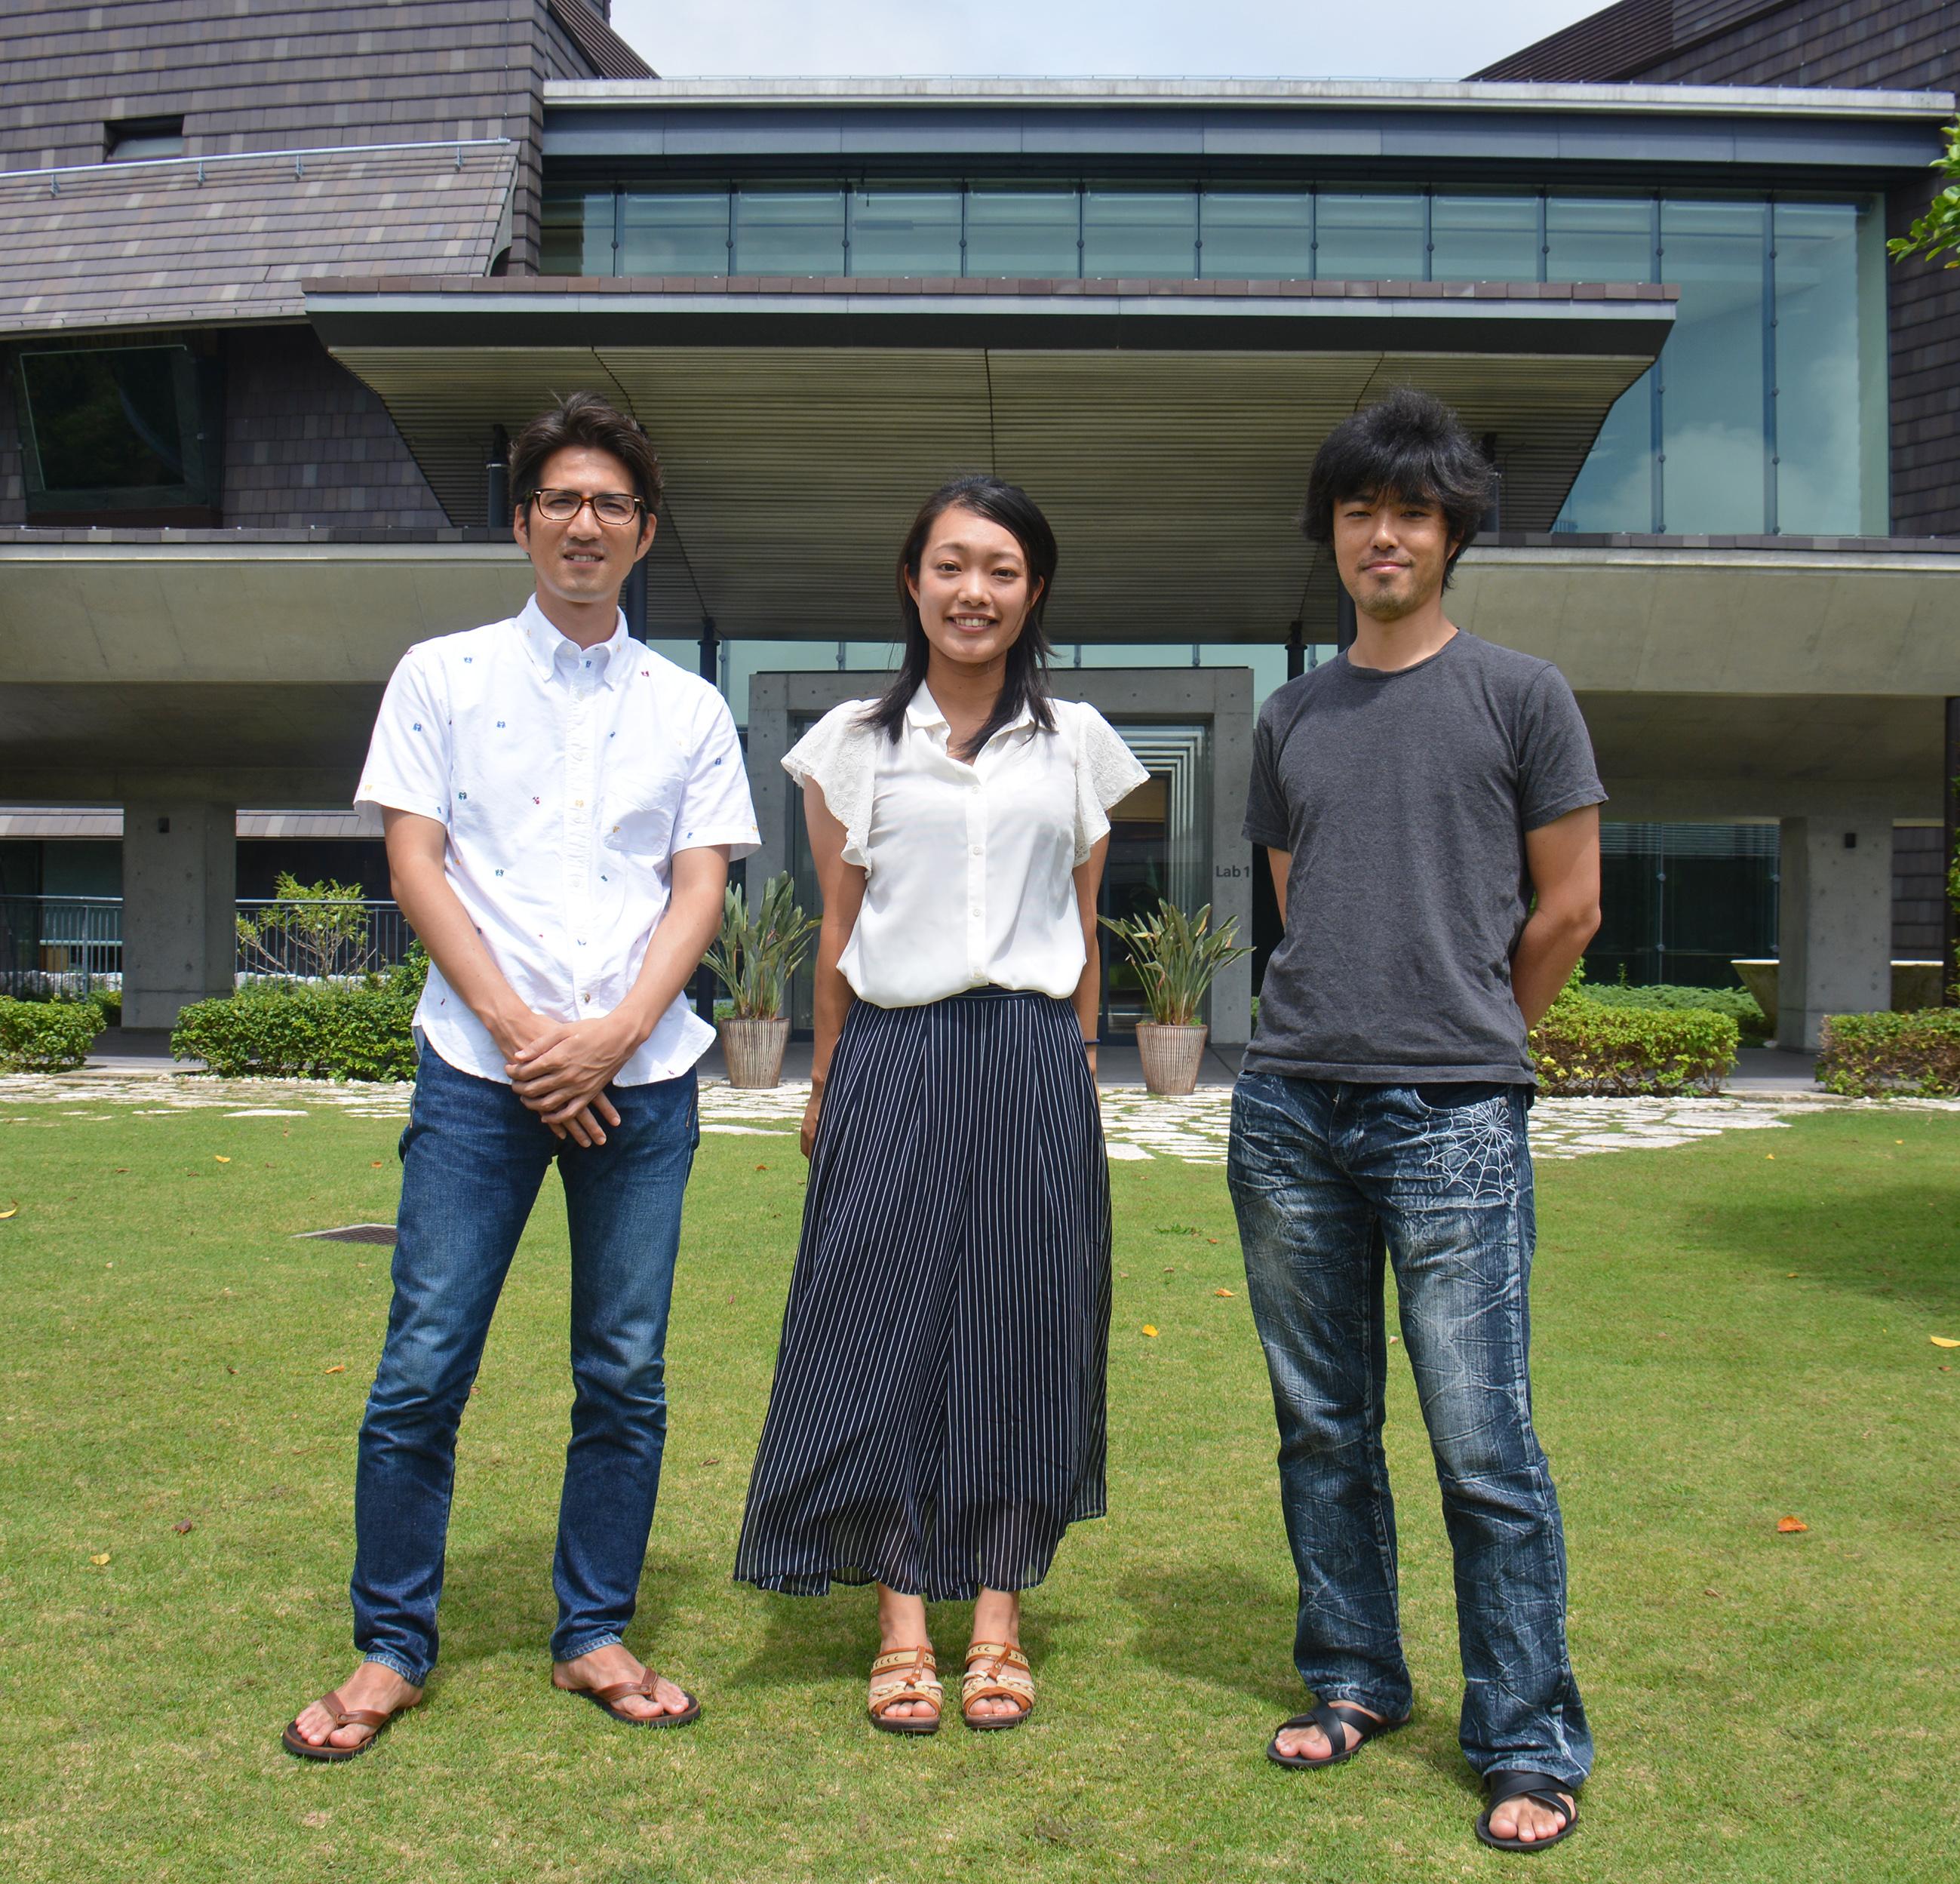 (左から)新里宙也博士、座安佑奈博士、中島祐一博士